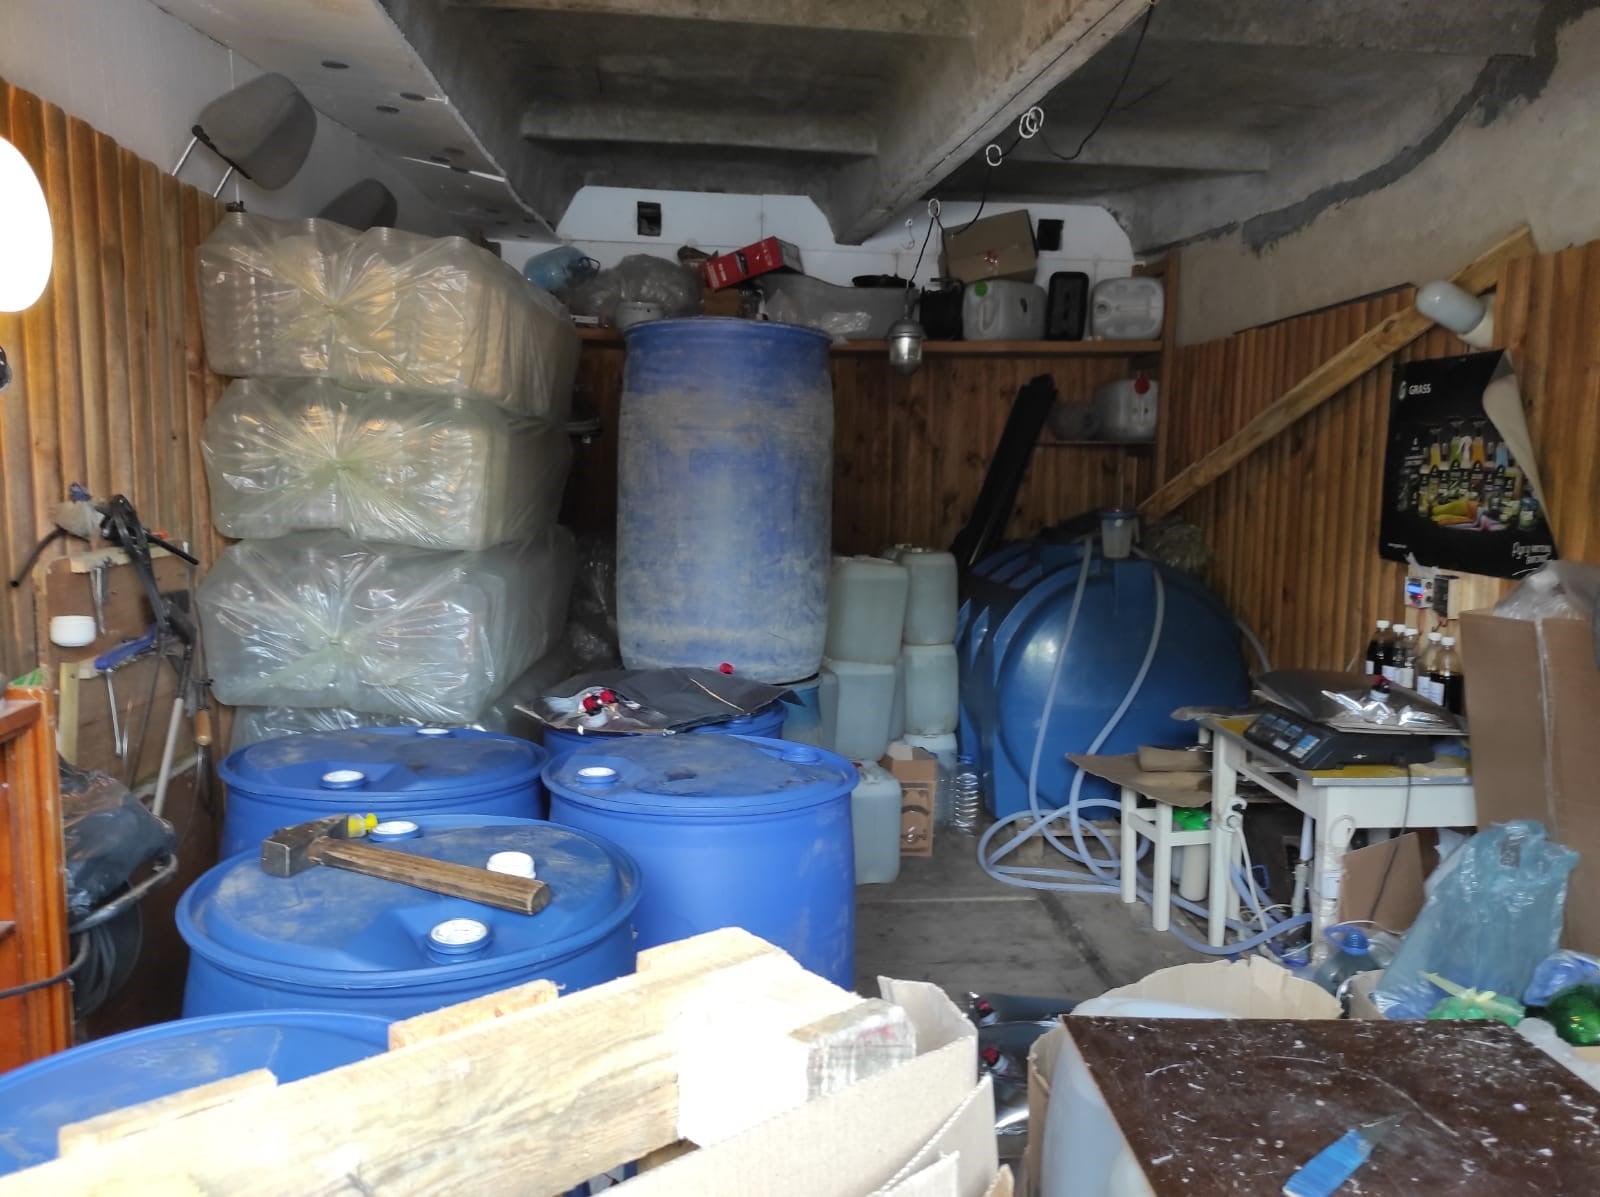 Майже 1000 літрів фальсифікату: чернігівець у гаражі облаштував підпільний «алкоцех». ФОТО